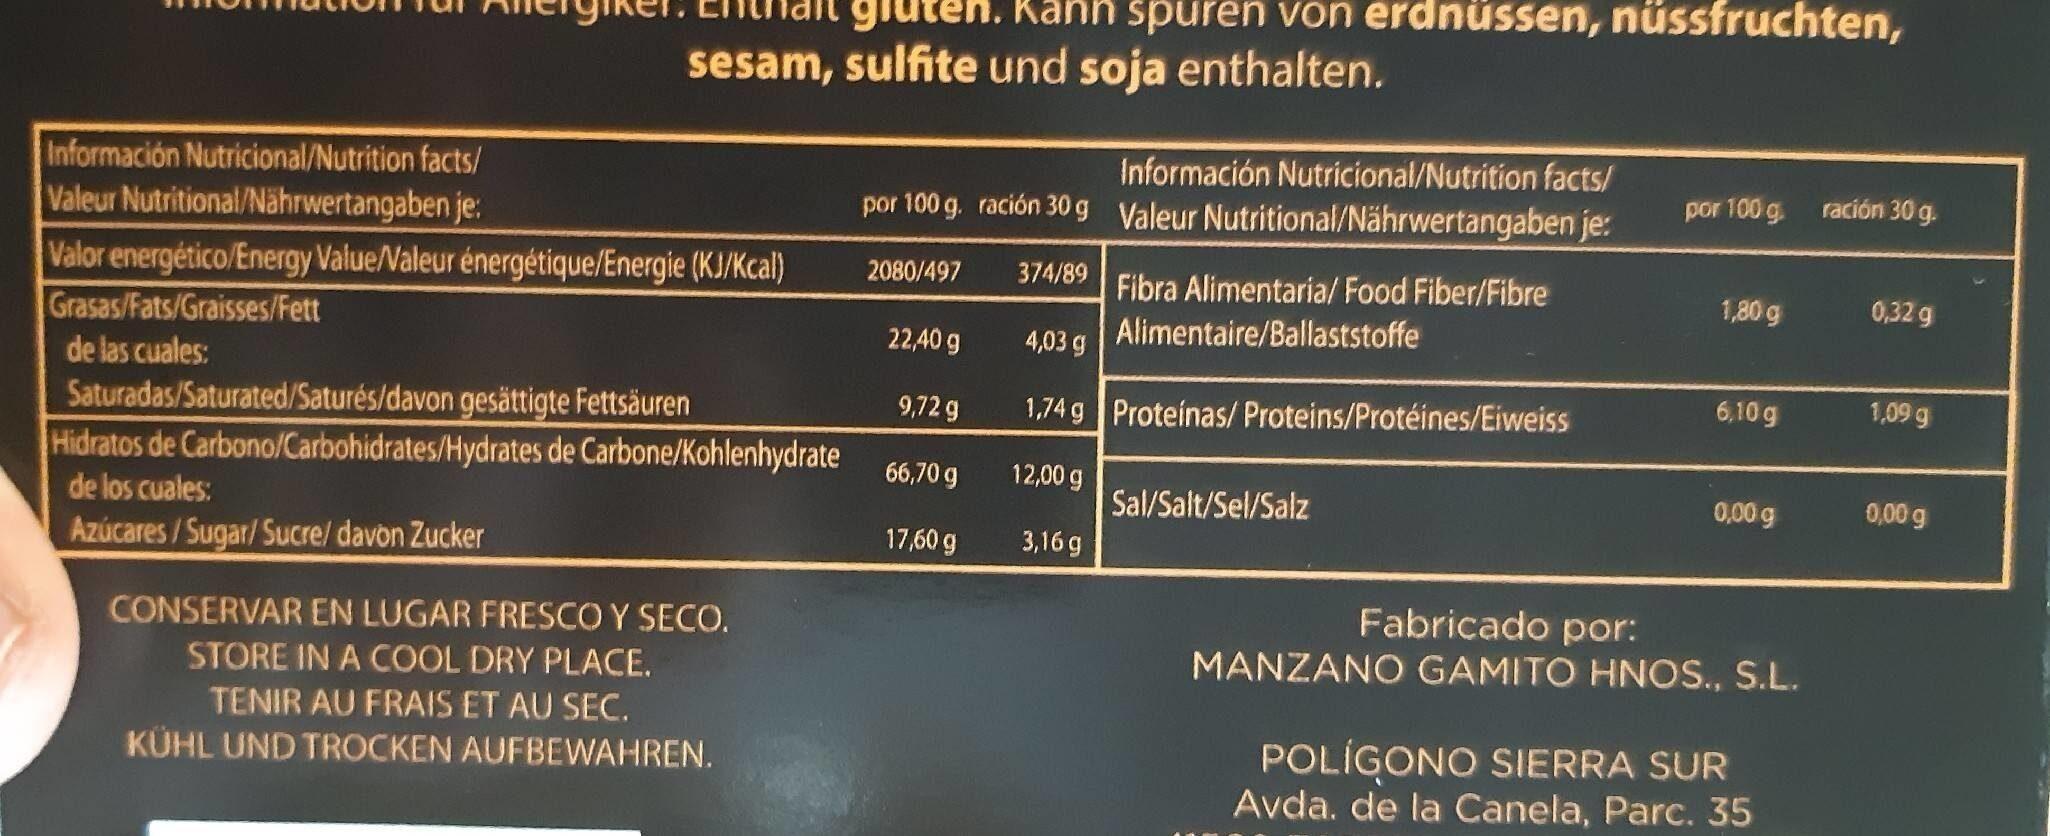 Nevaditos de vainilla y chocolate - Informations nutritionnelles - es